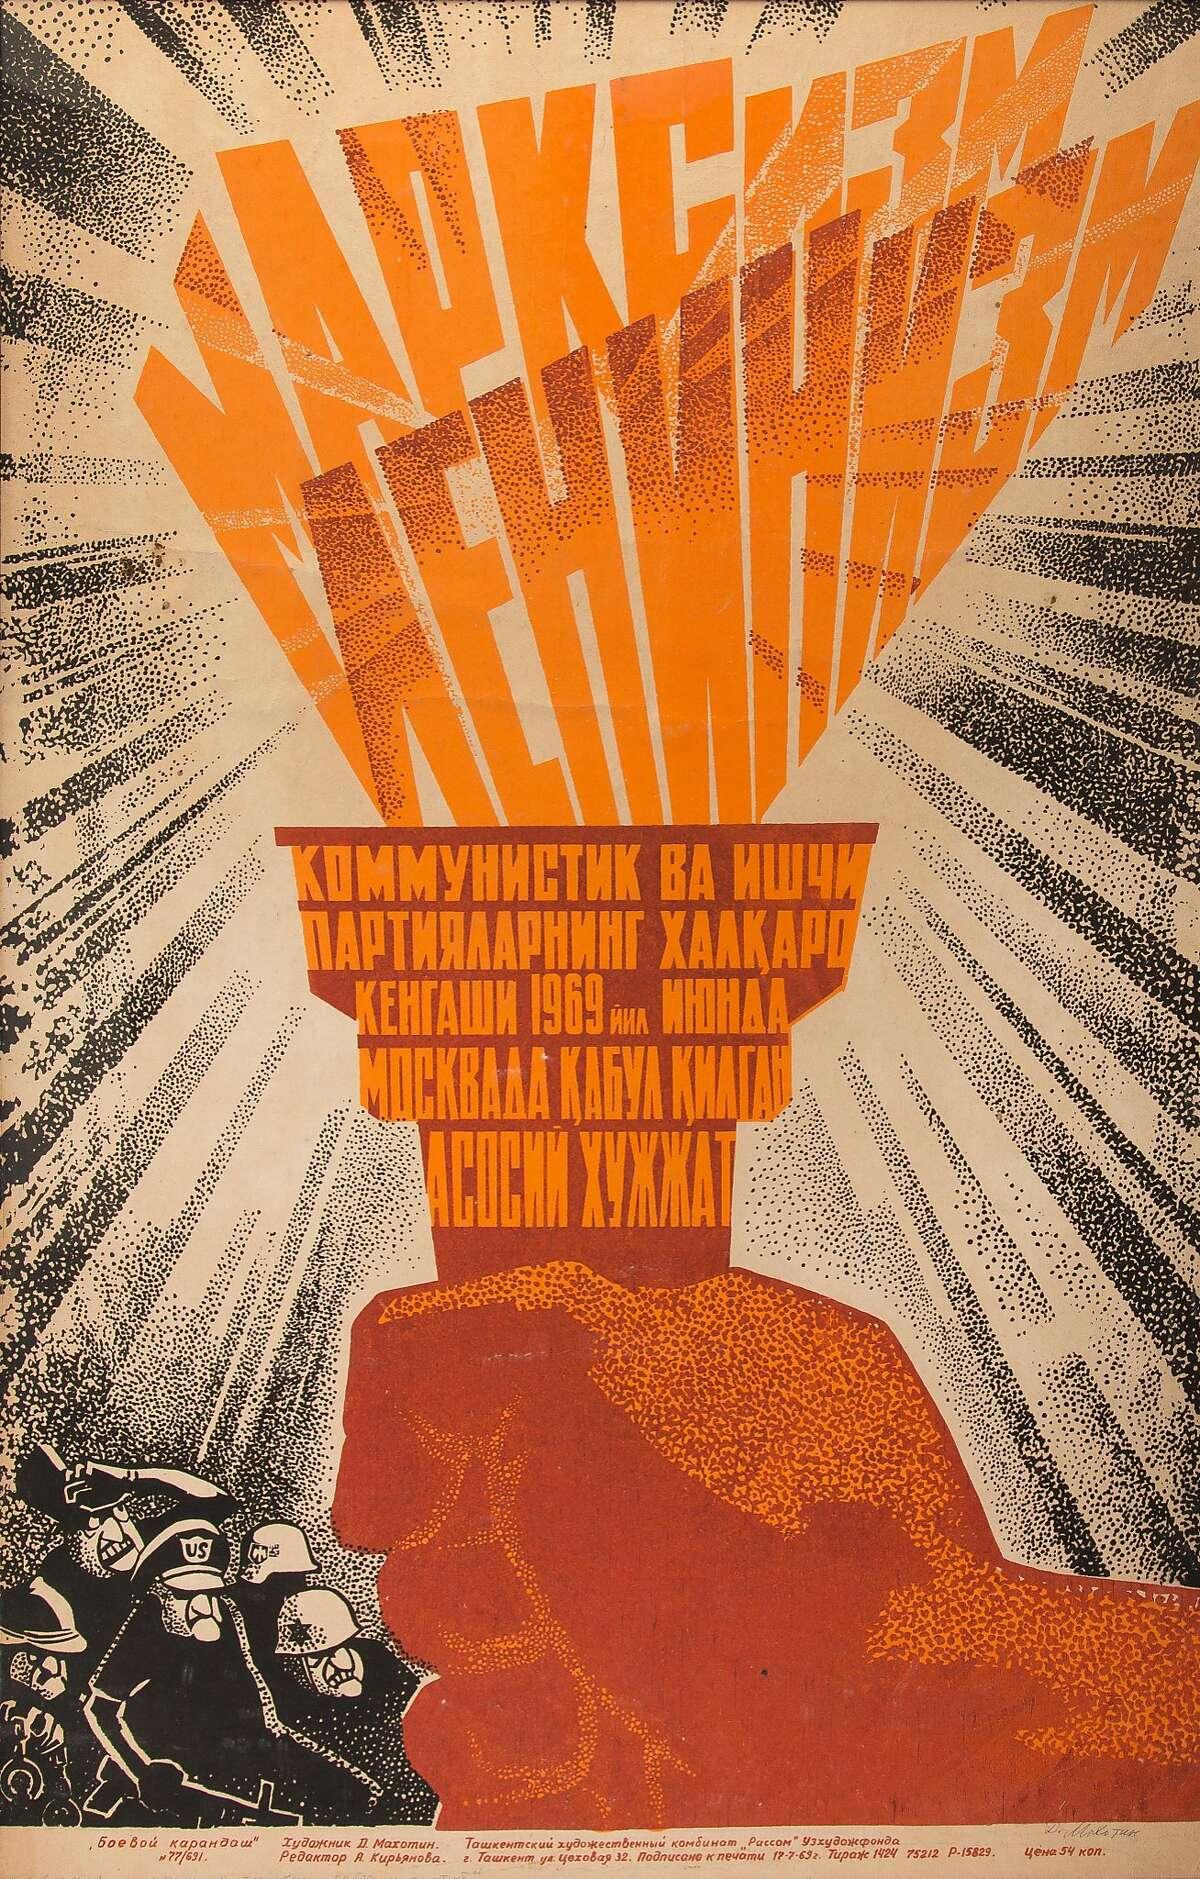 This Soviet propaganda poster,